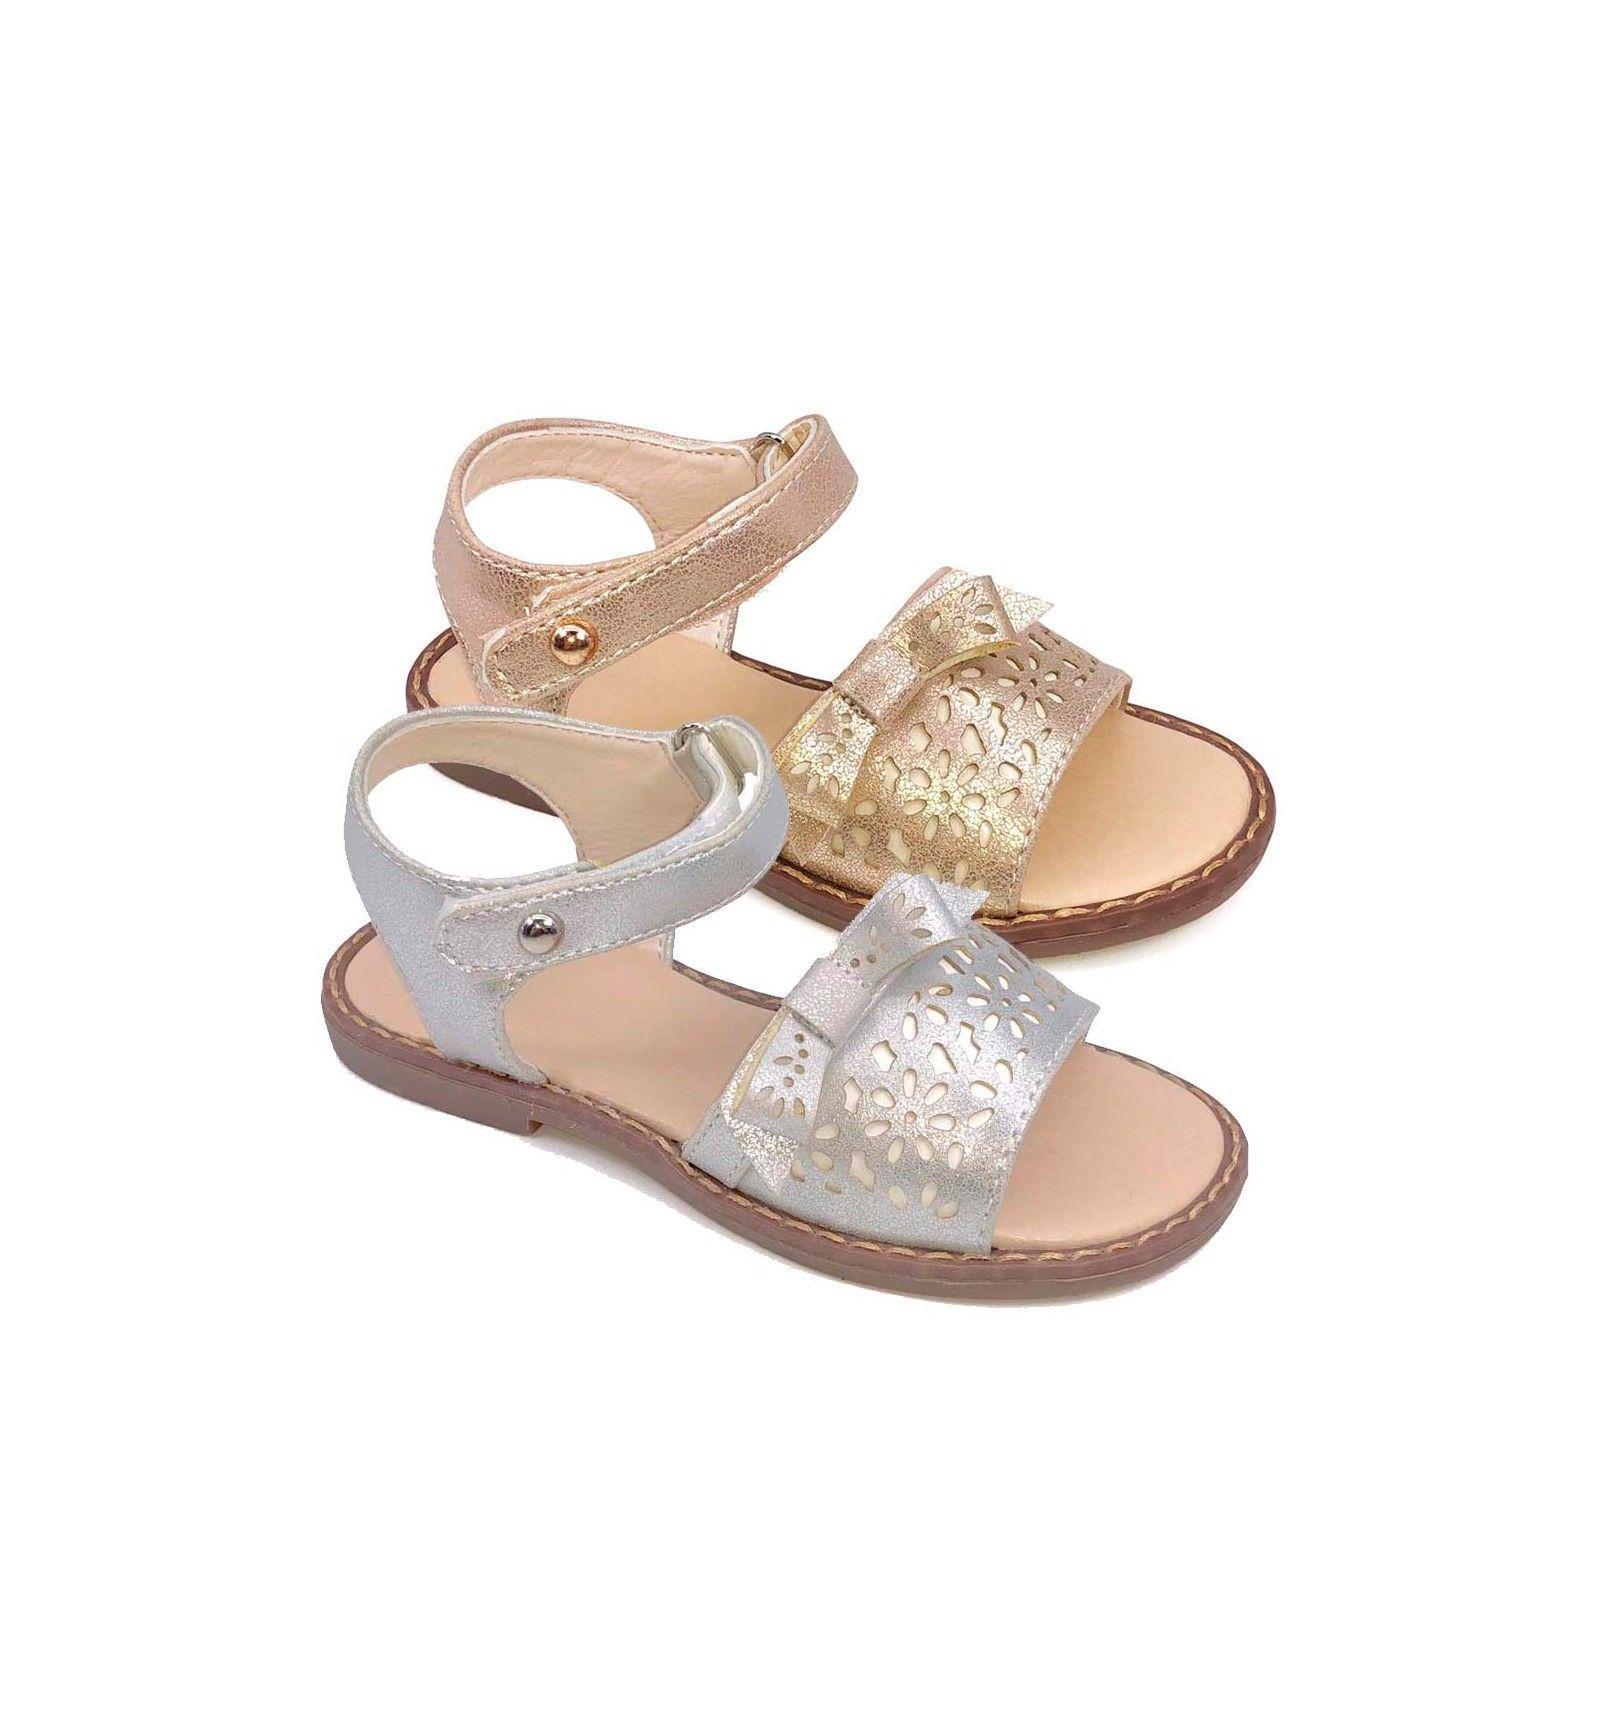 Zahqwqe Para Blancas Sandalias Niña Calzado Niñas Barato Infantil 5BTq4